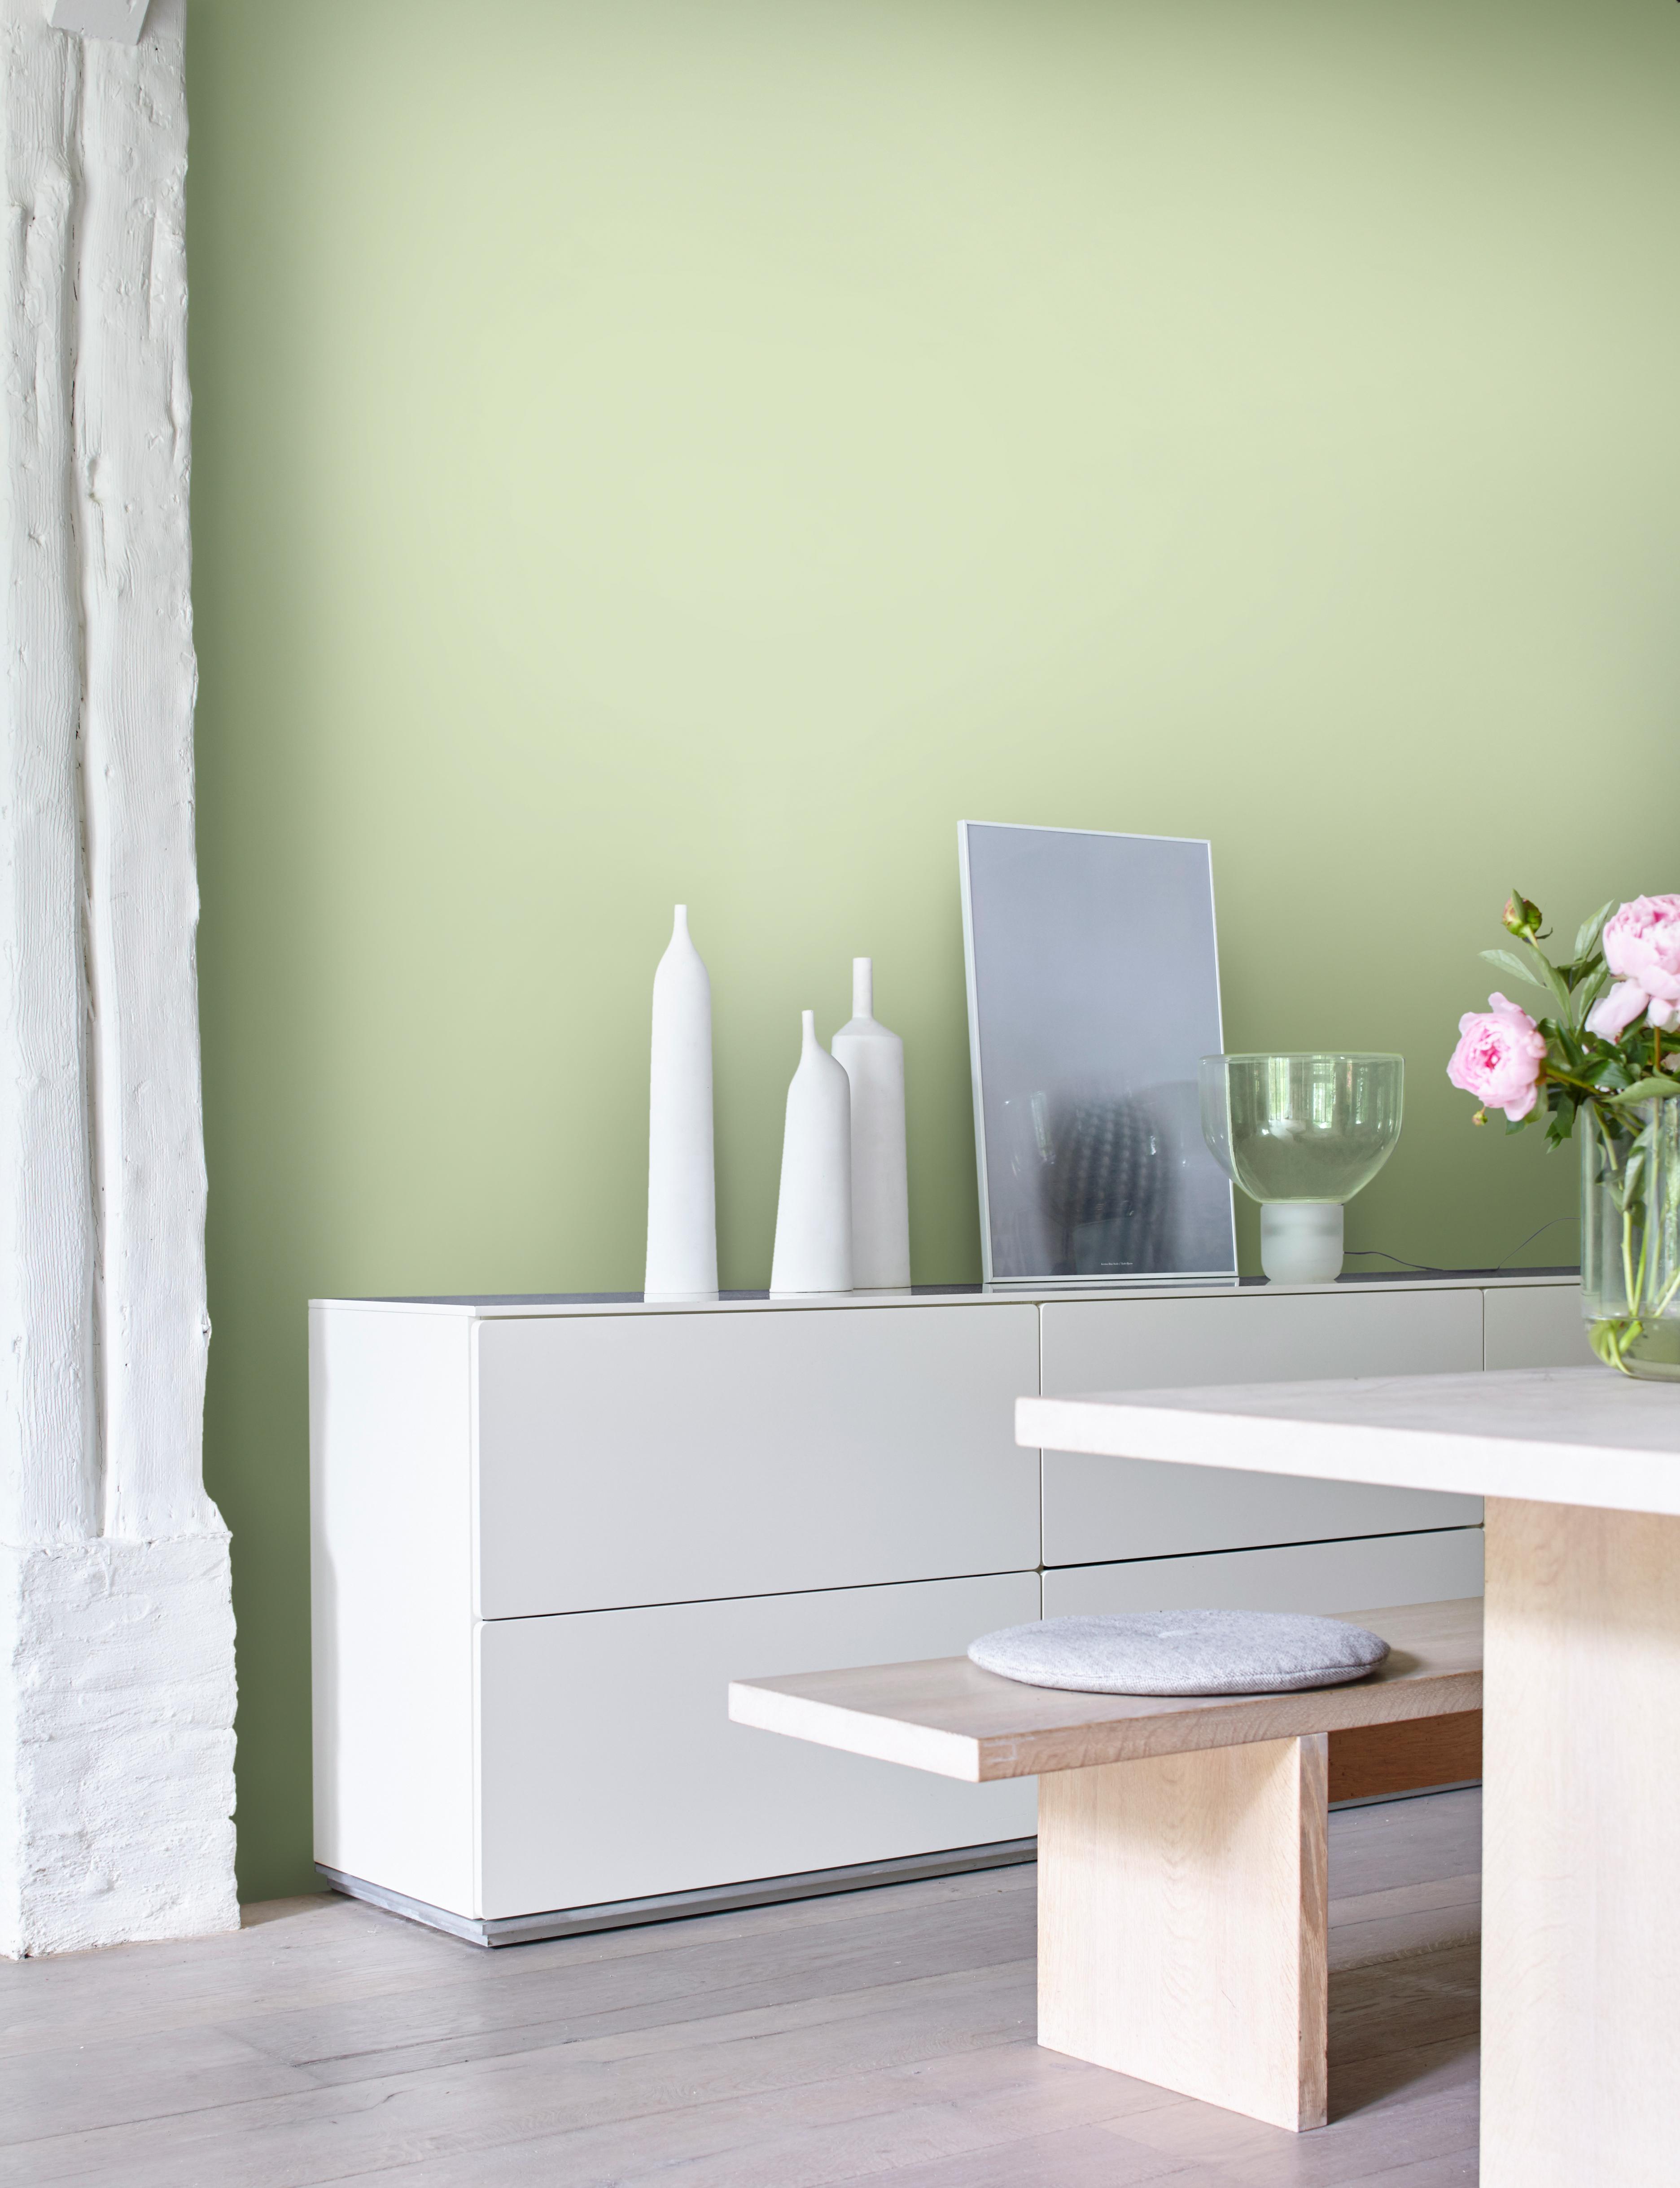 Esszimmer gestalten farbe  Ideen fürs Gestalten vom Esszimmer: Alpina Farbe & Einrichten